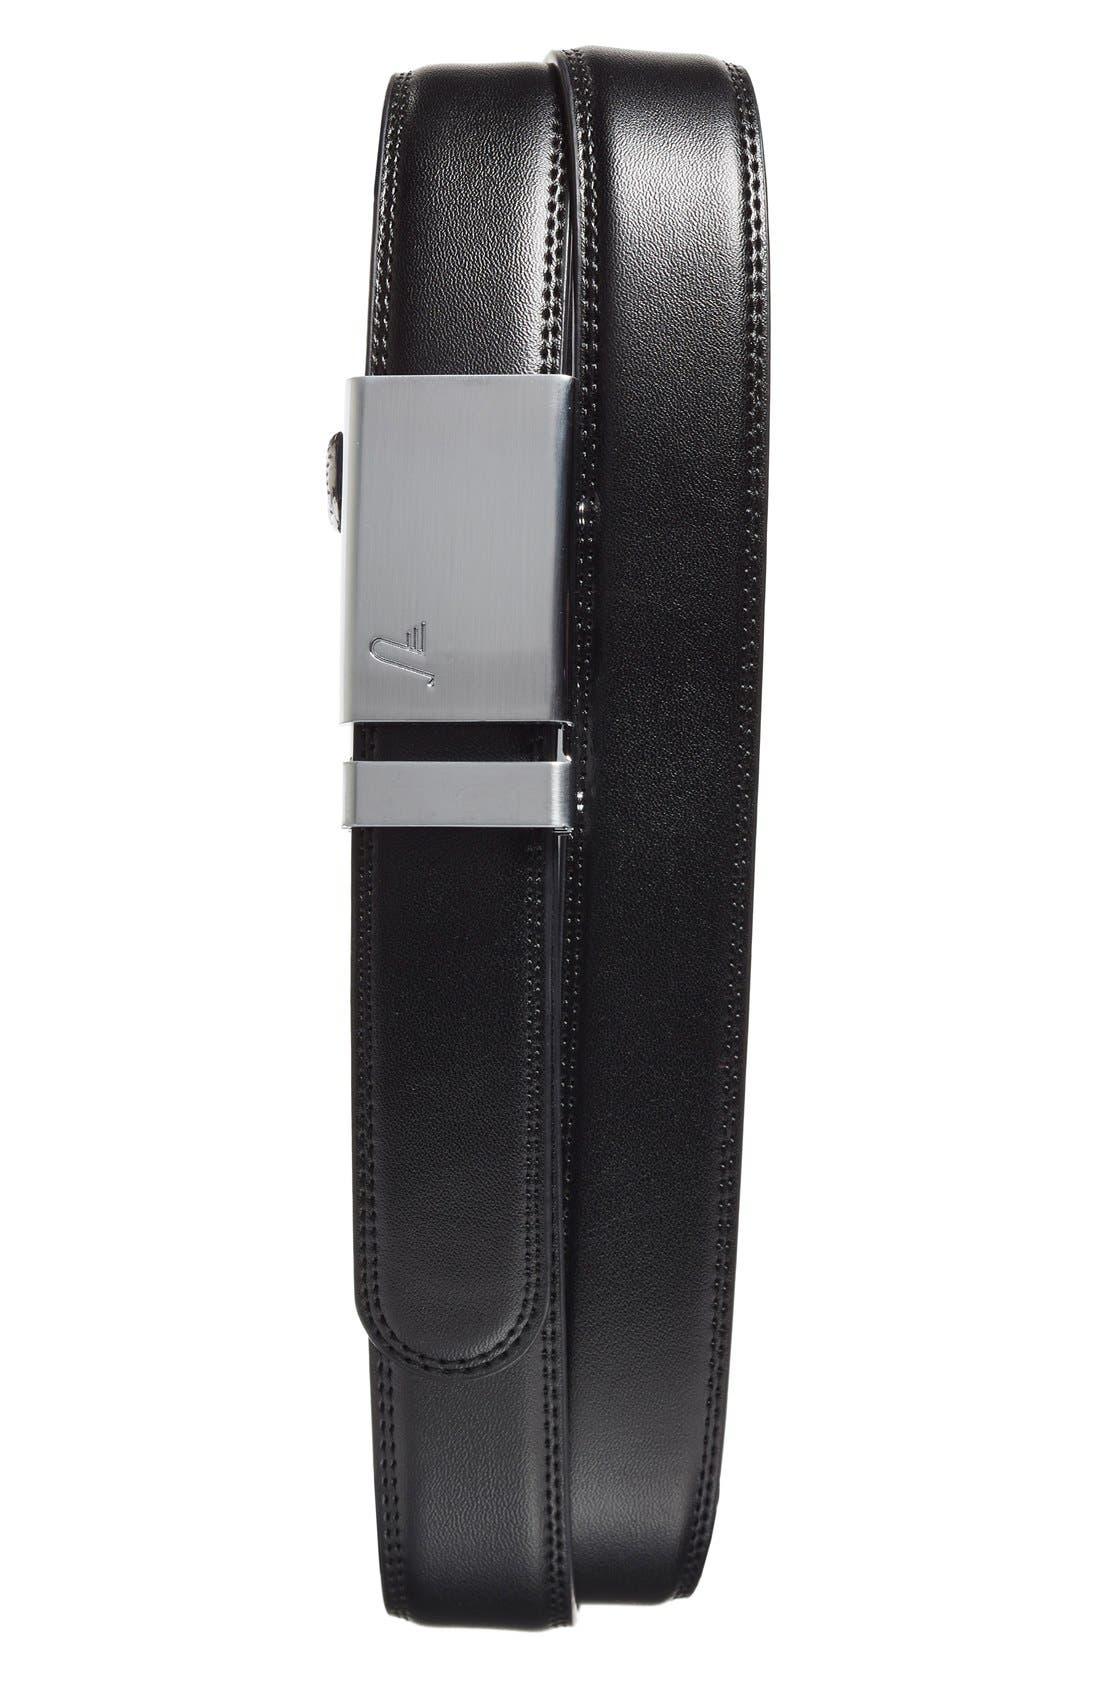 MISSION BELT 'Alloy' Leather Belt, Main, color, ALLOY/ BLACK